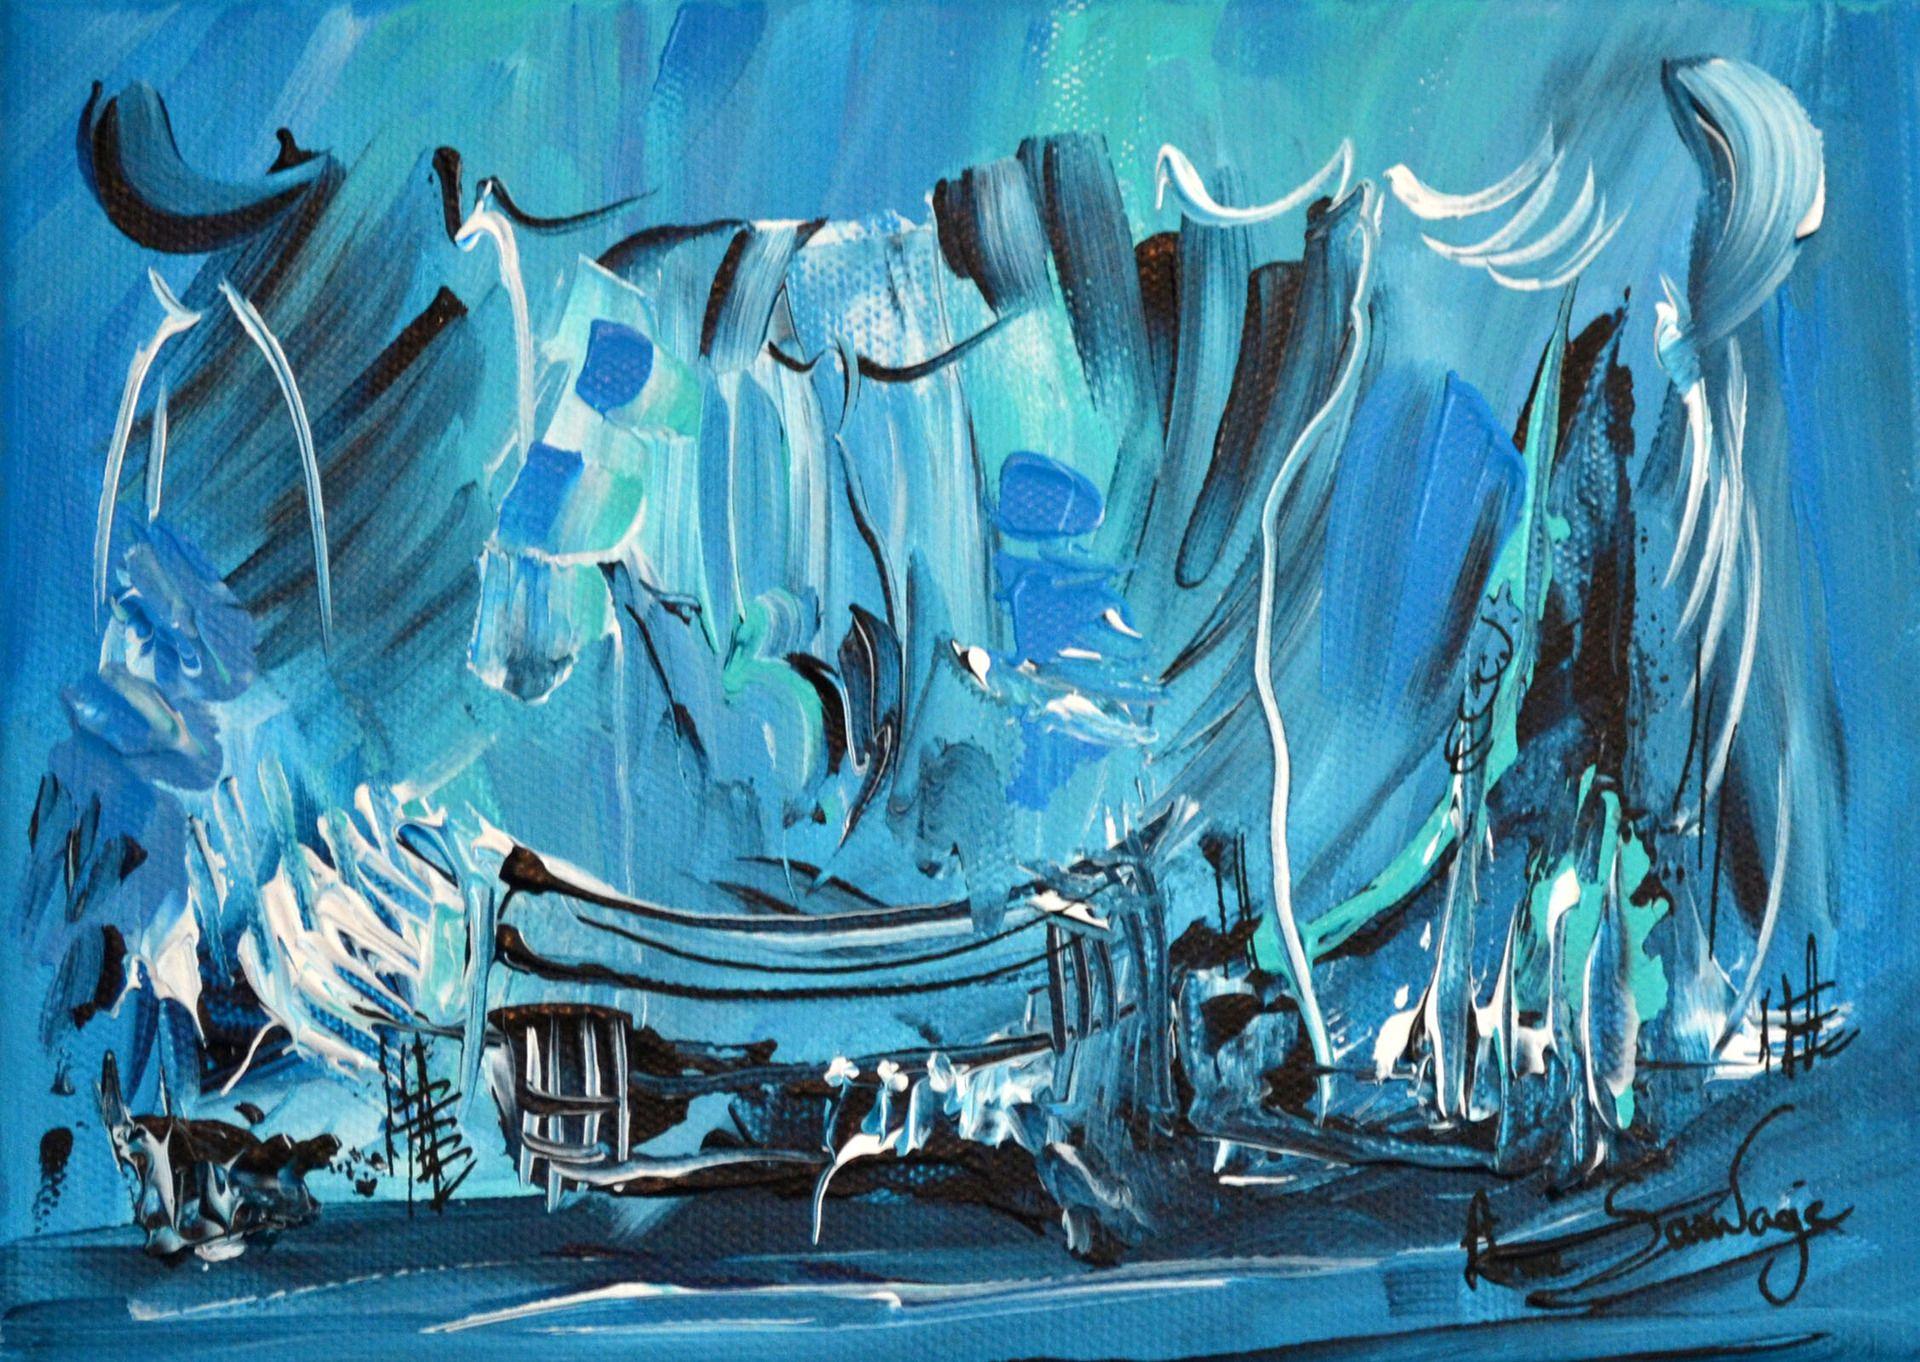 tableau abstrait contemporain bleu